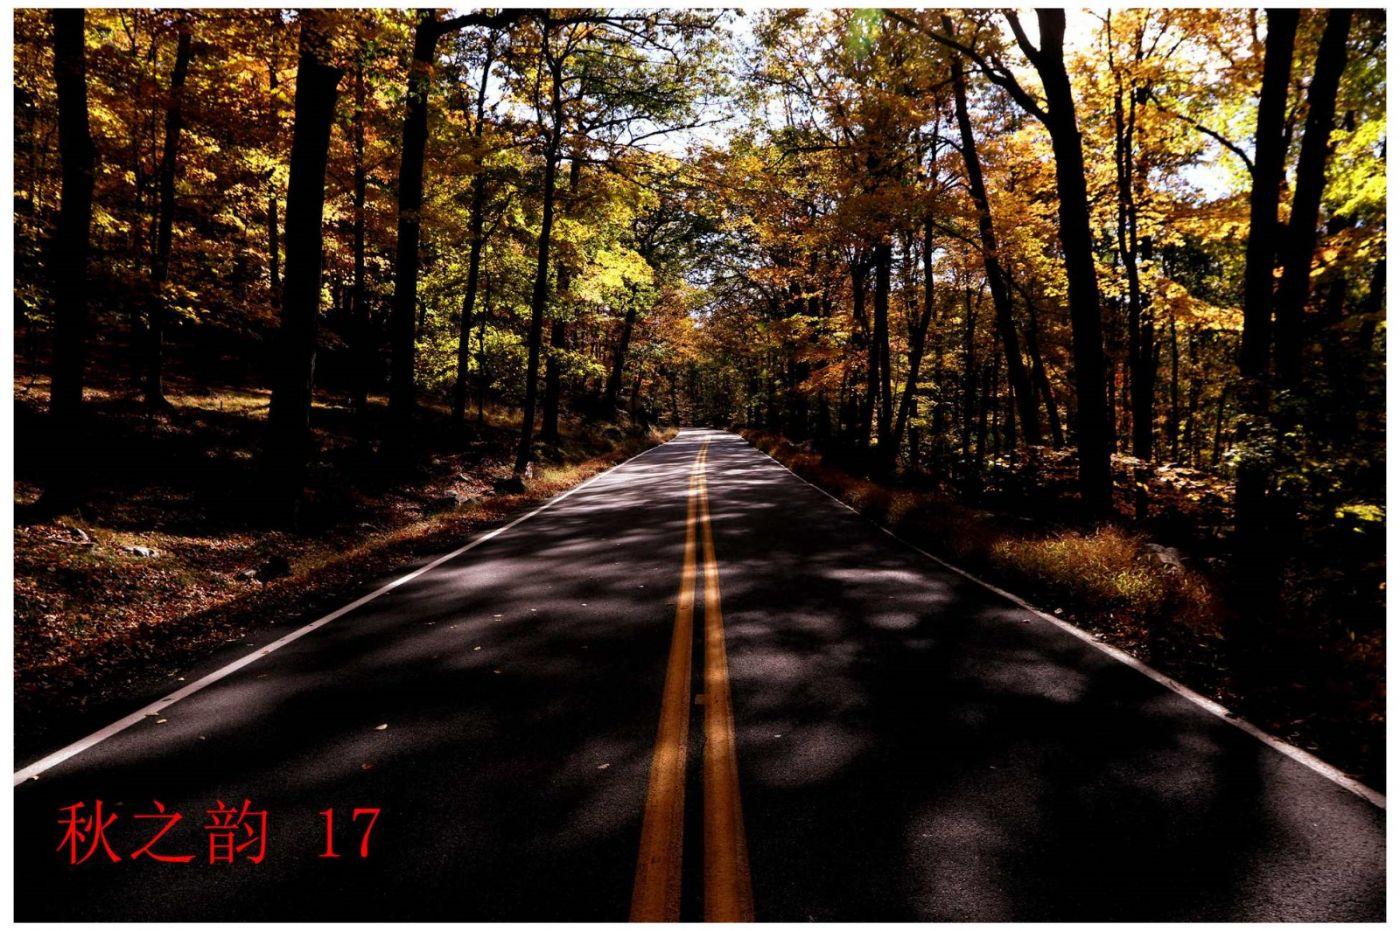 看万山红遍,层林尽染_图1-9